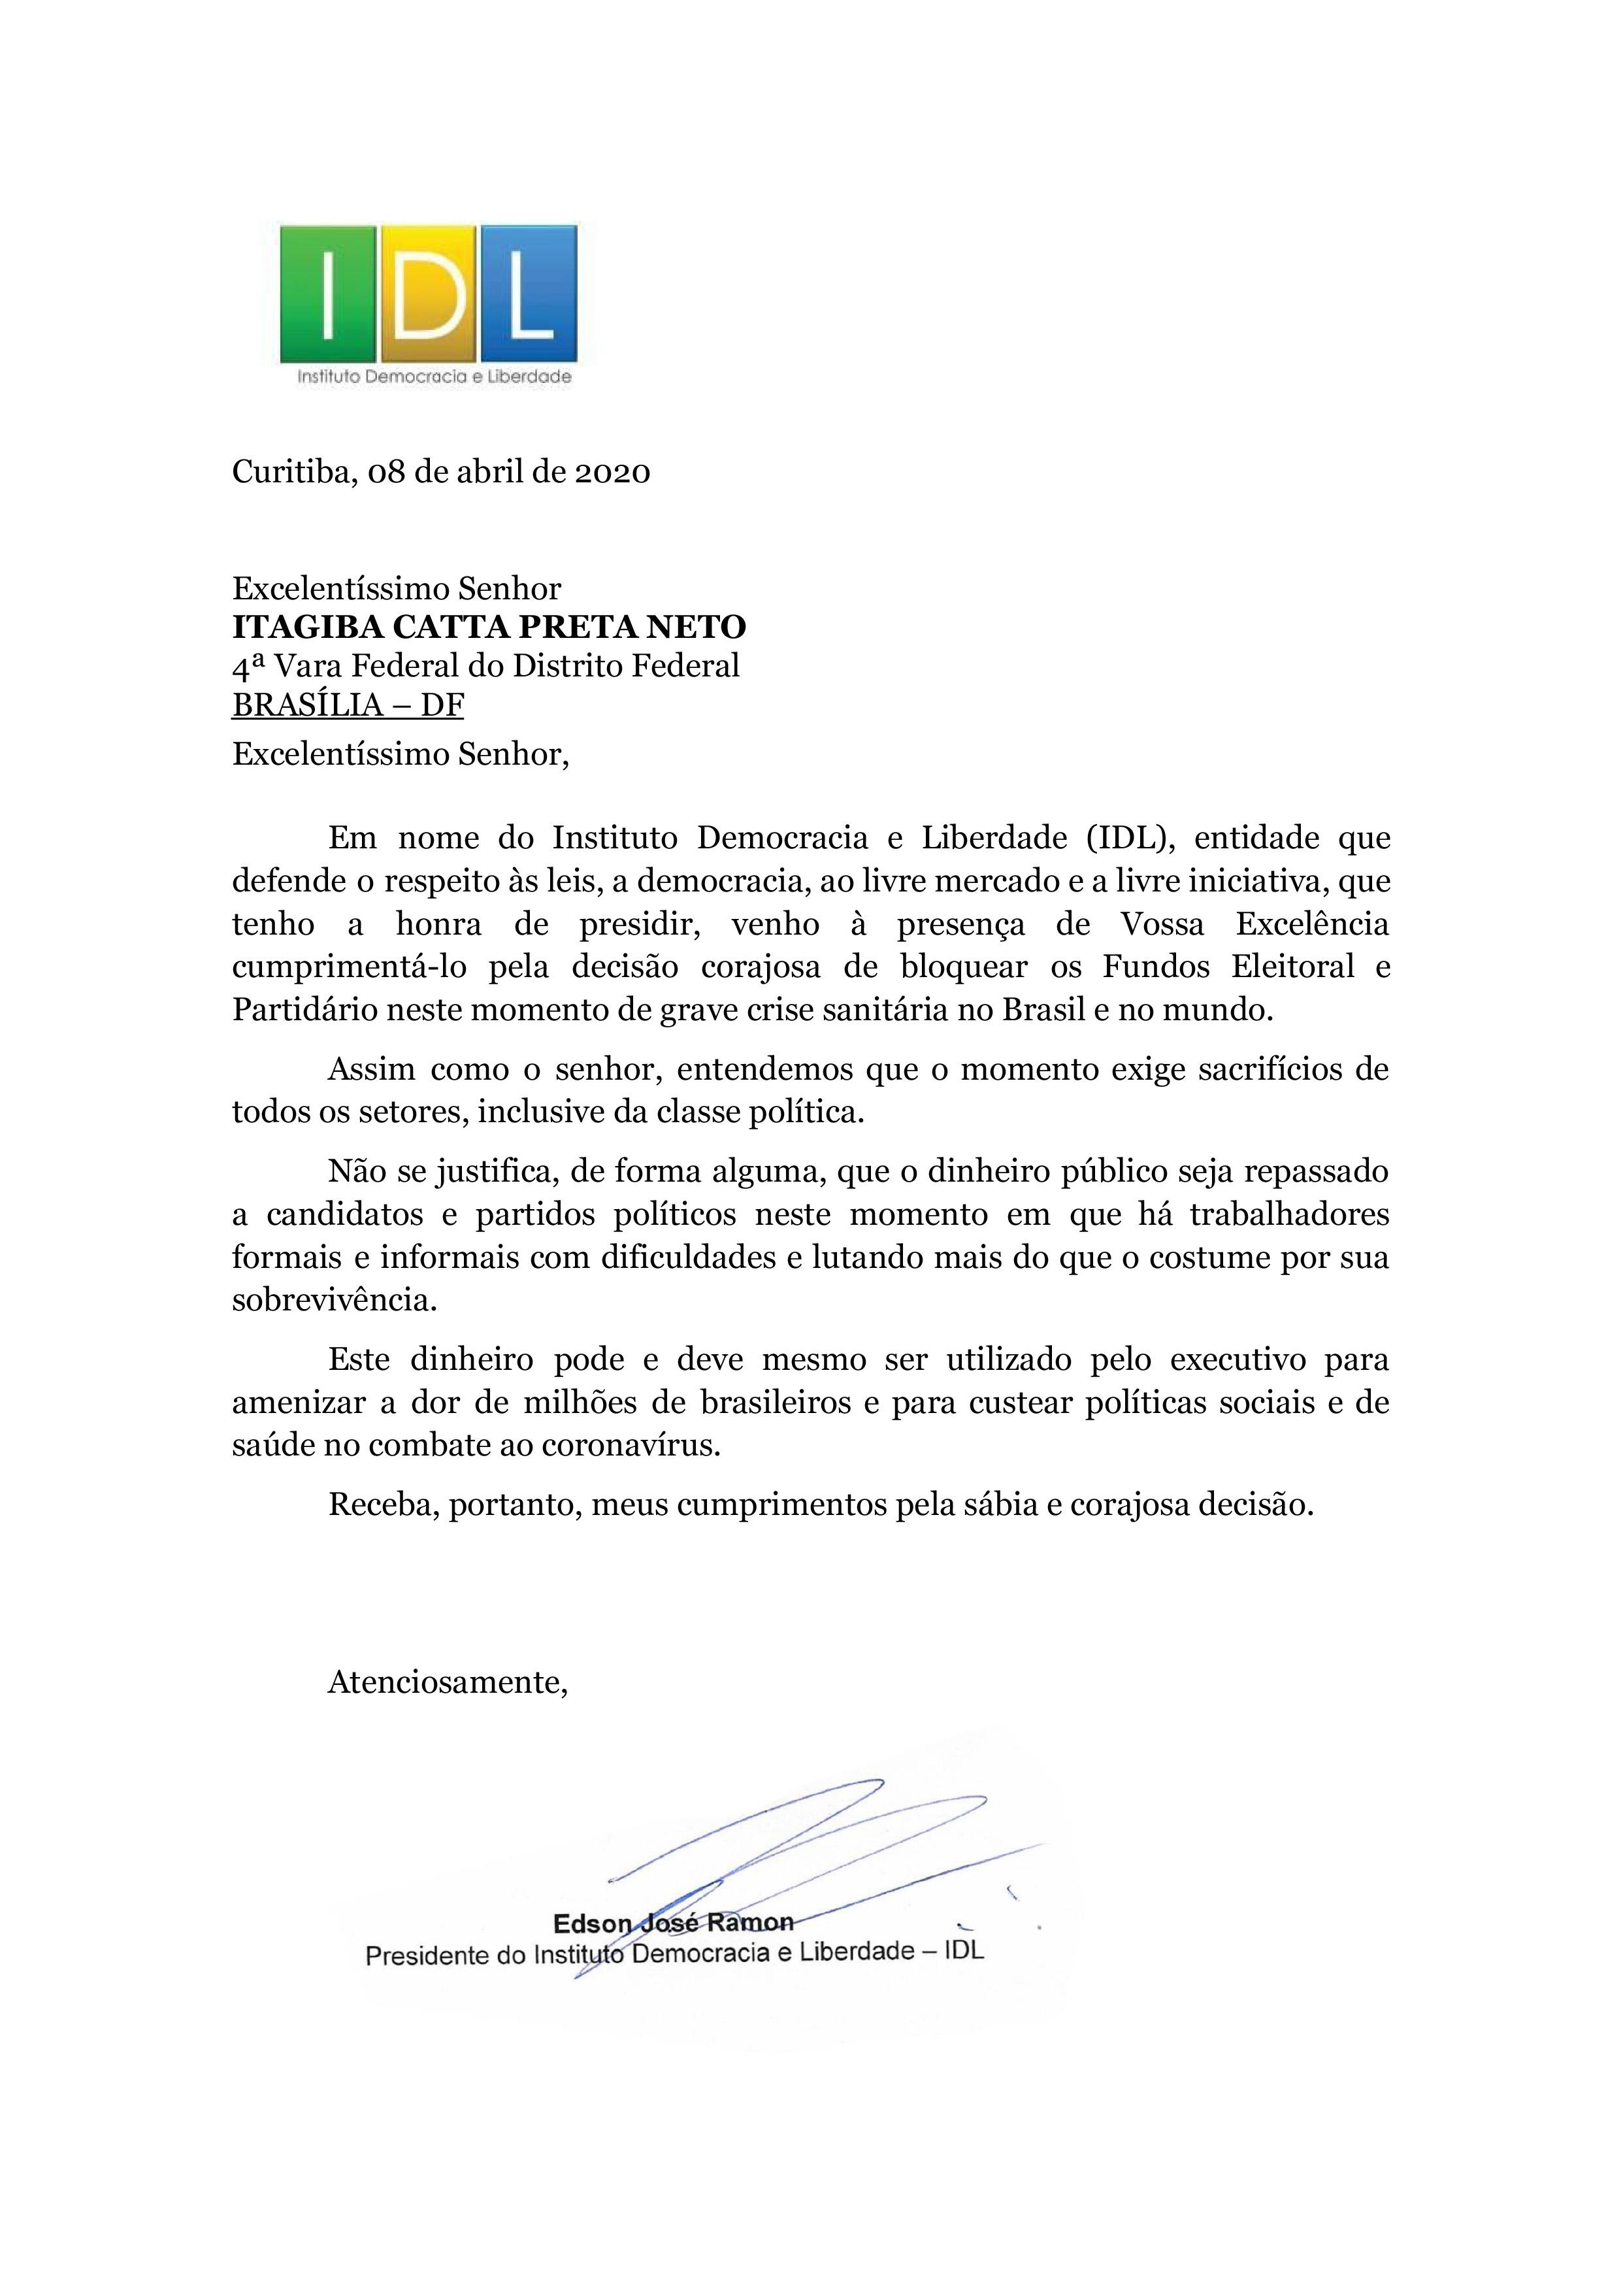 Carta ao juiz Catta Preta (1)